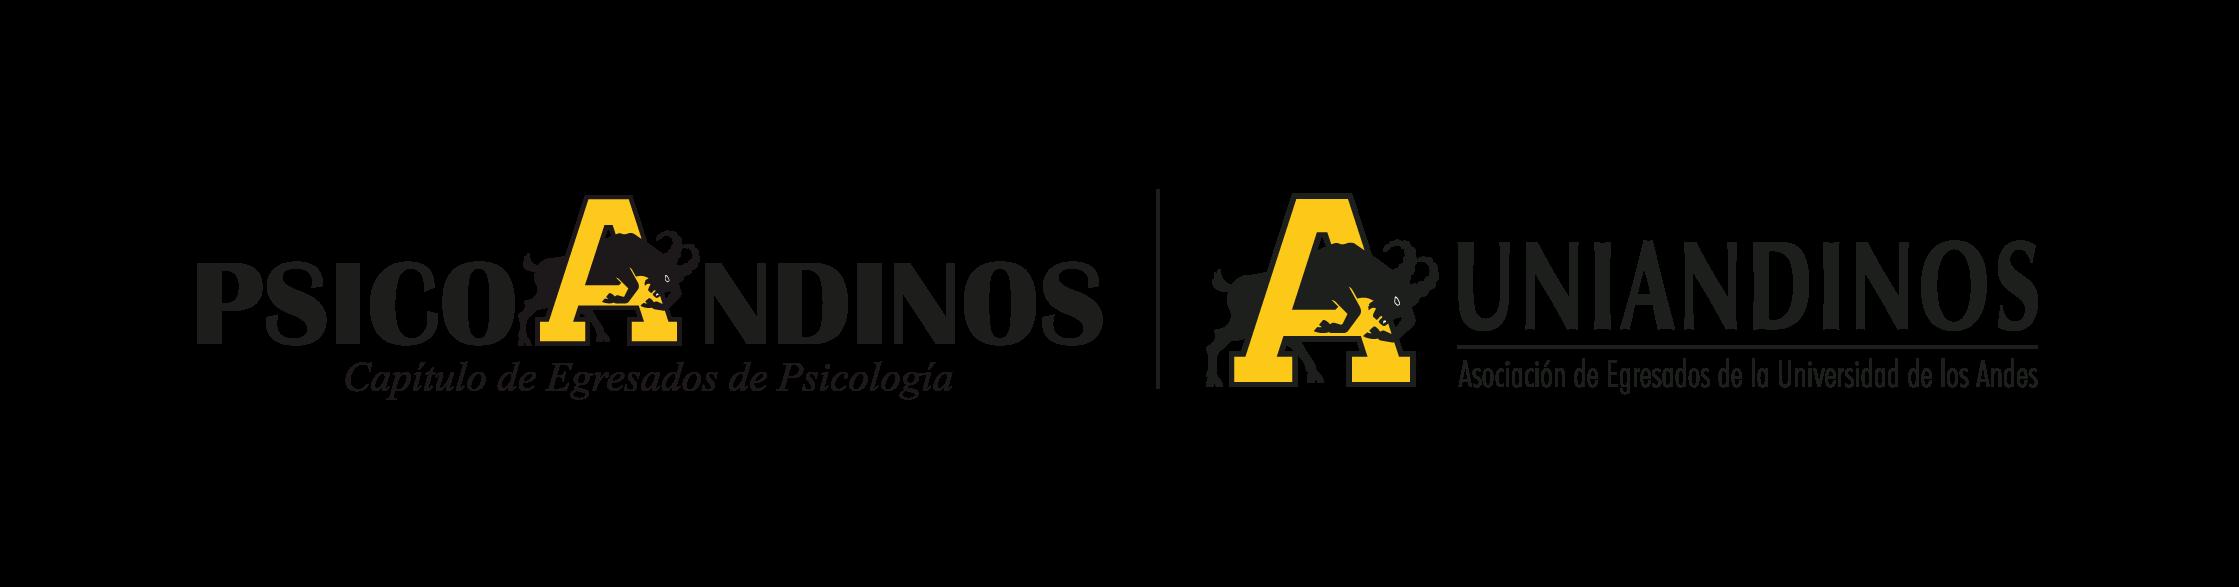 Logo psicoandinos color